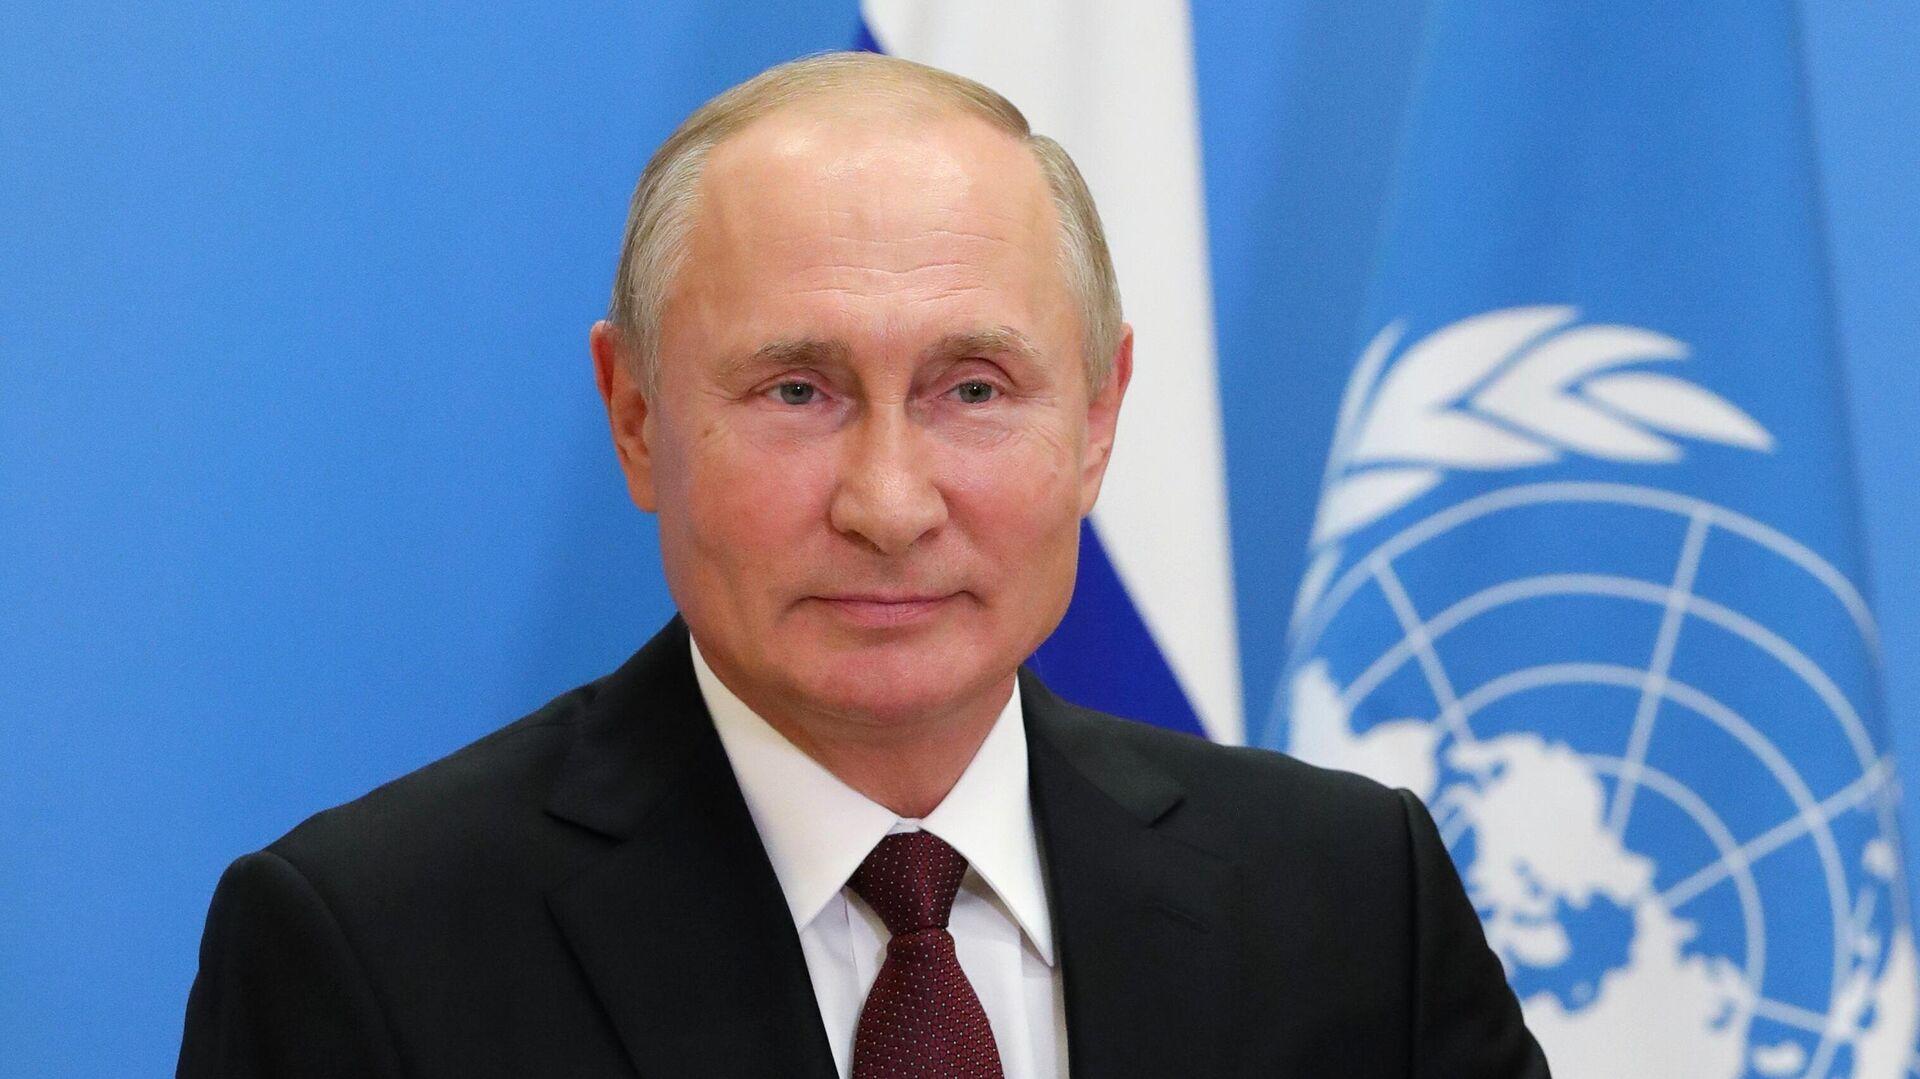 Выступление президента РФ В. Путина с видеообращением на 75-й сессии Генассамблеи ООН - РИА Новости, 1920, 22.09.2020